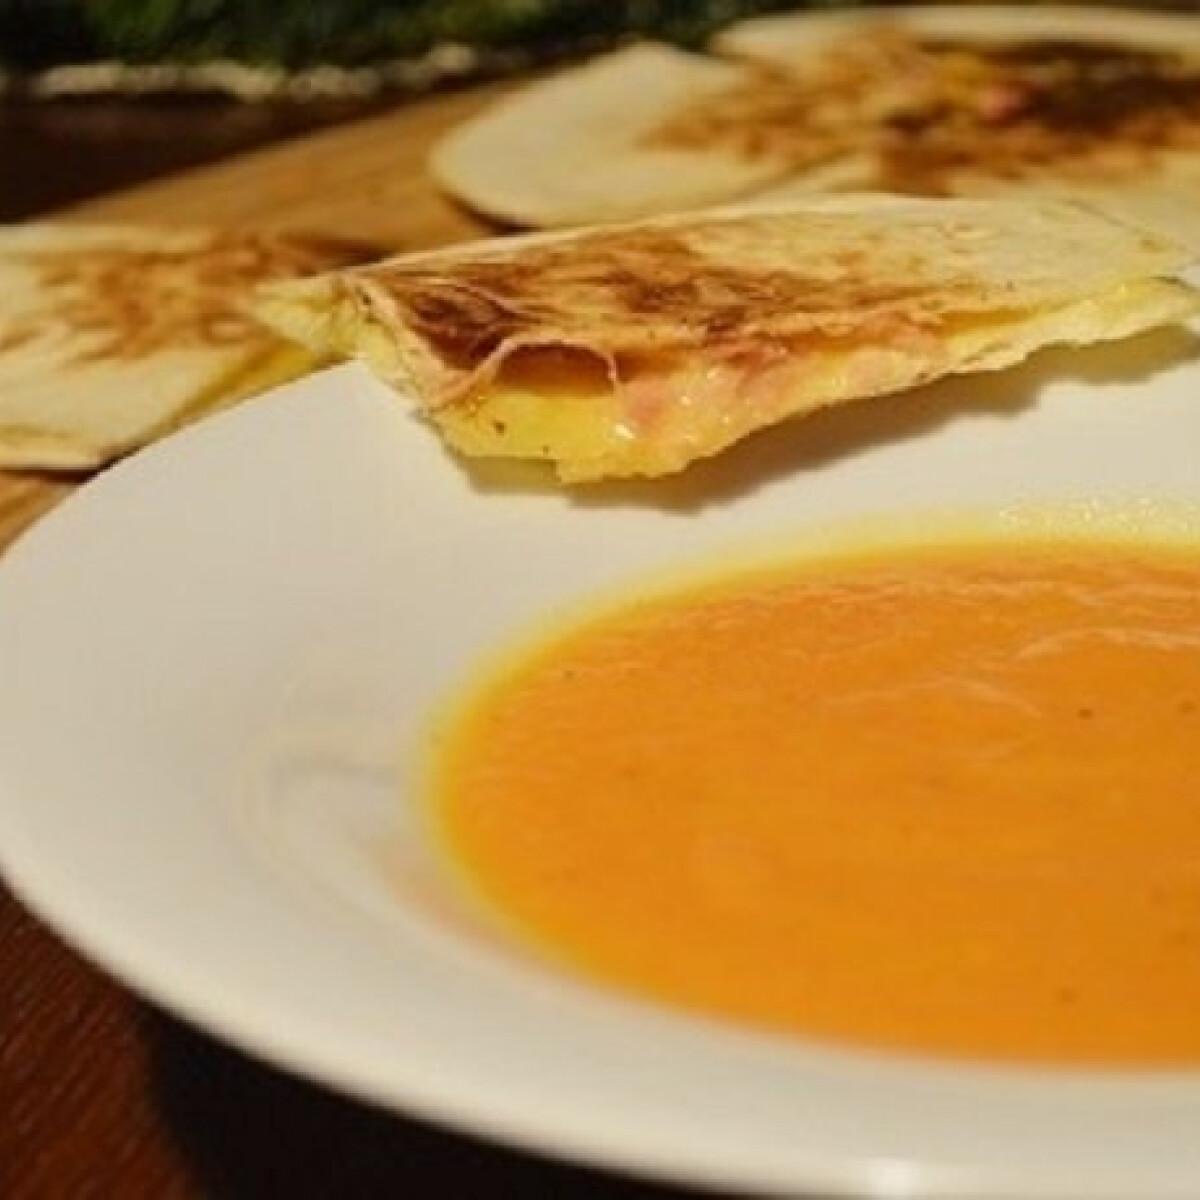 Gyömbéres sárgarépa-krémleves sonkás-sajtos tortillával